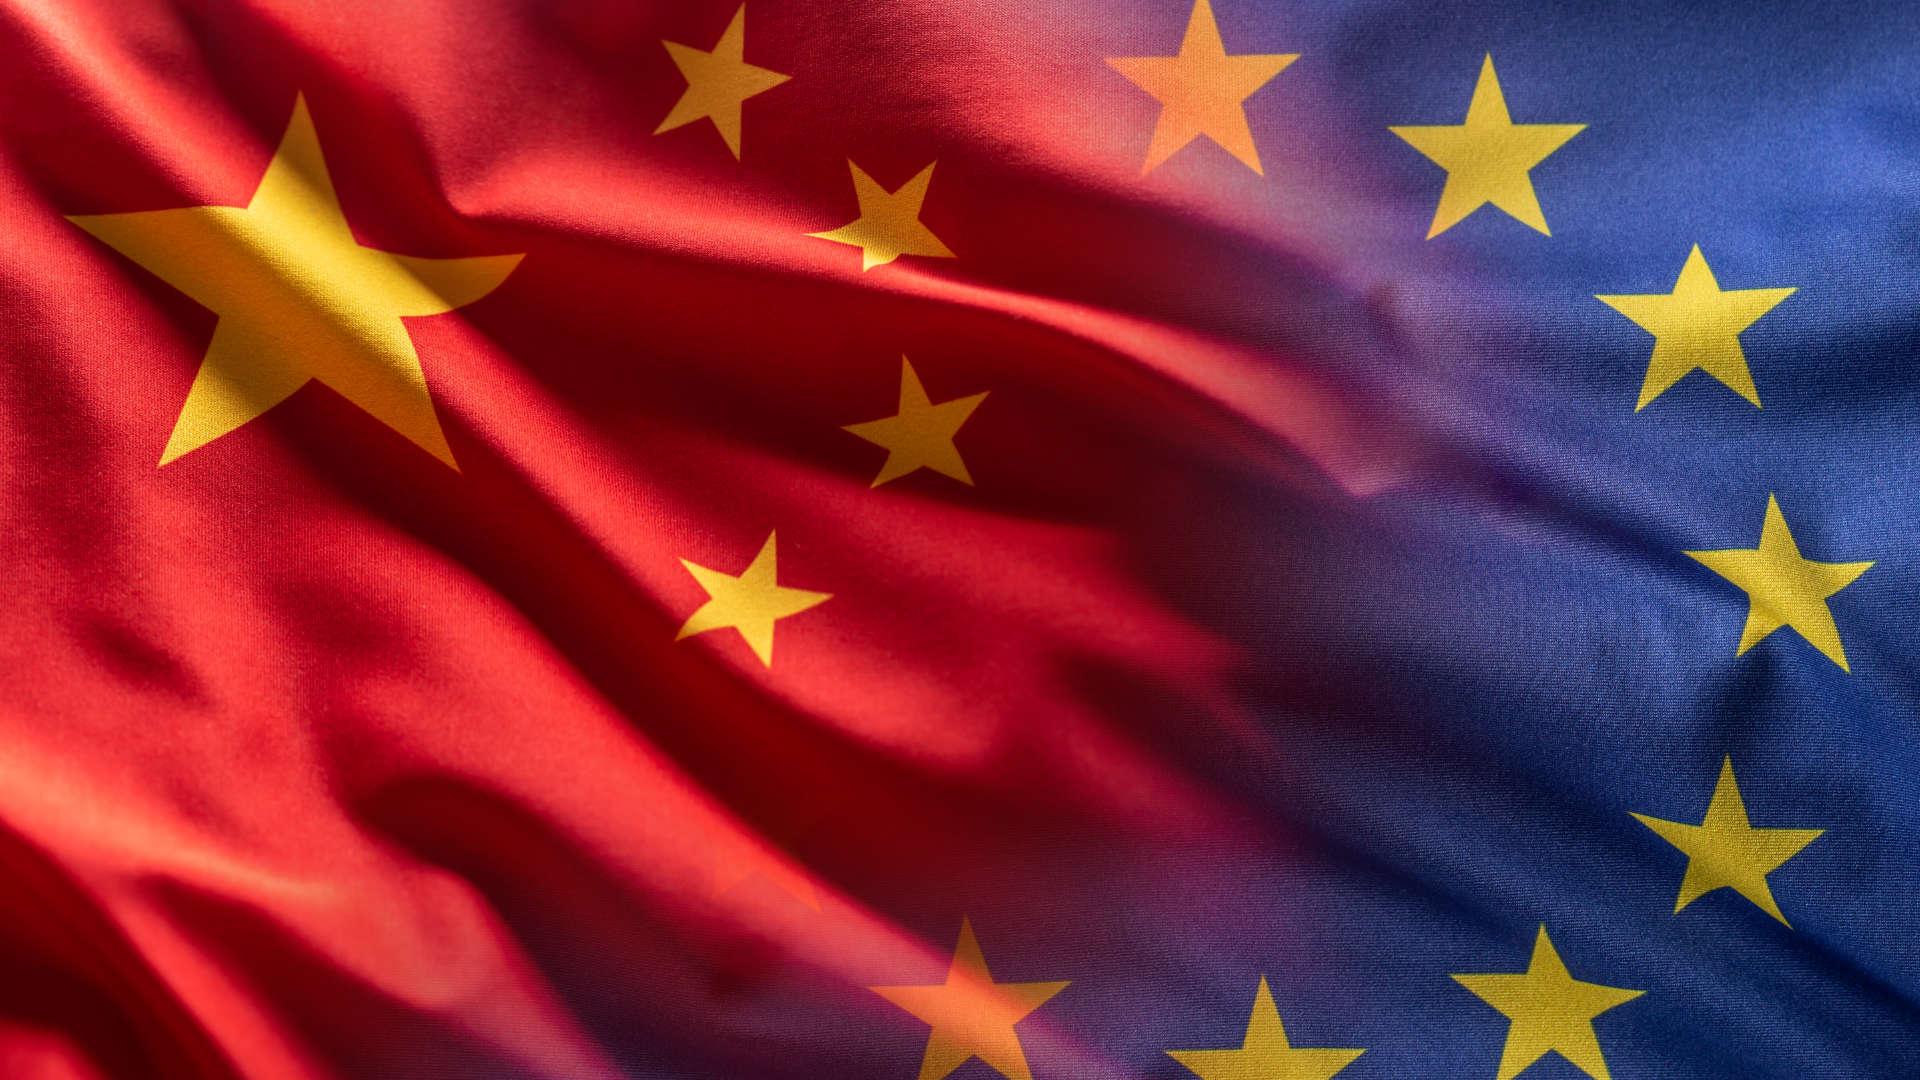 Die Flaggen von China und EU